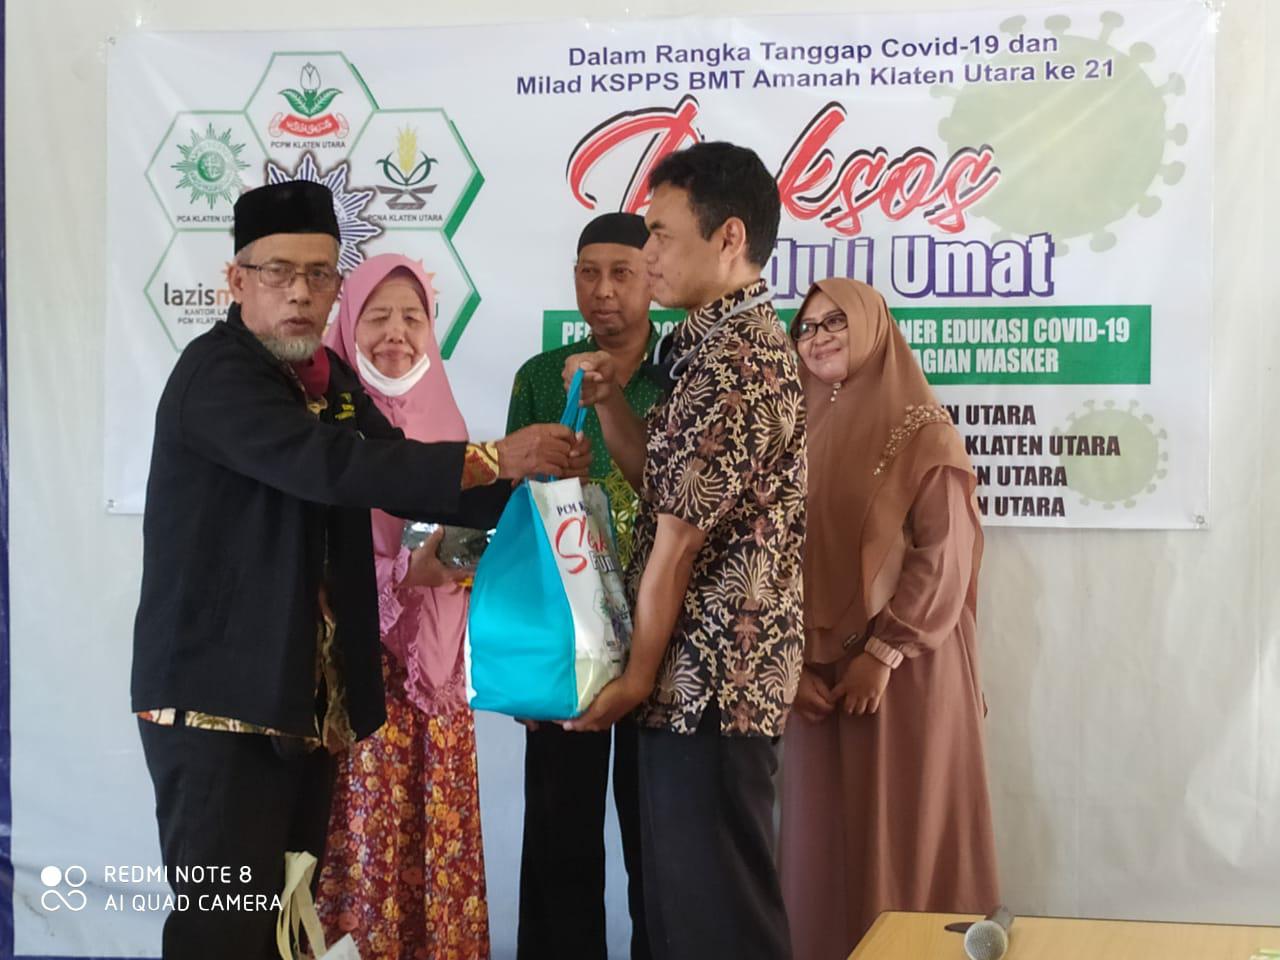 PCM Klaten Utara Berikan Bantuan Paket Sembako Bagi Warga Terdampak Covid-19